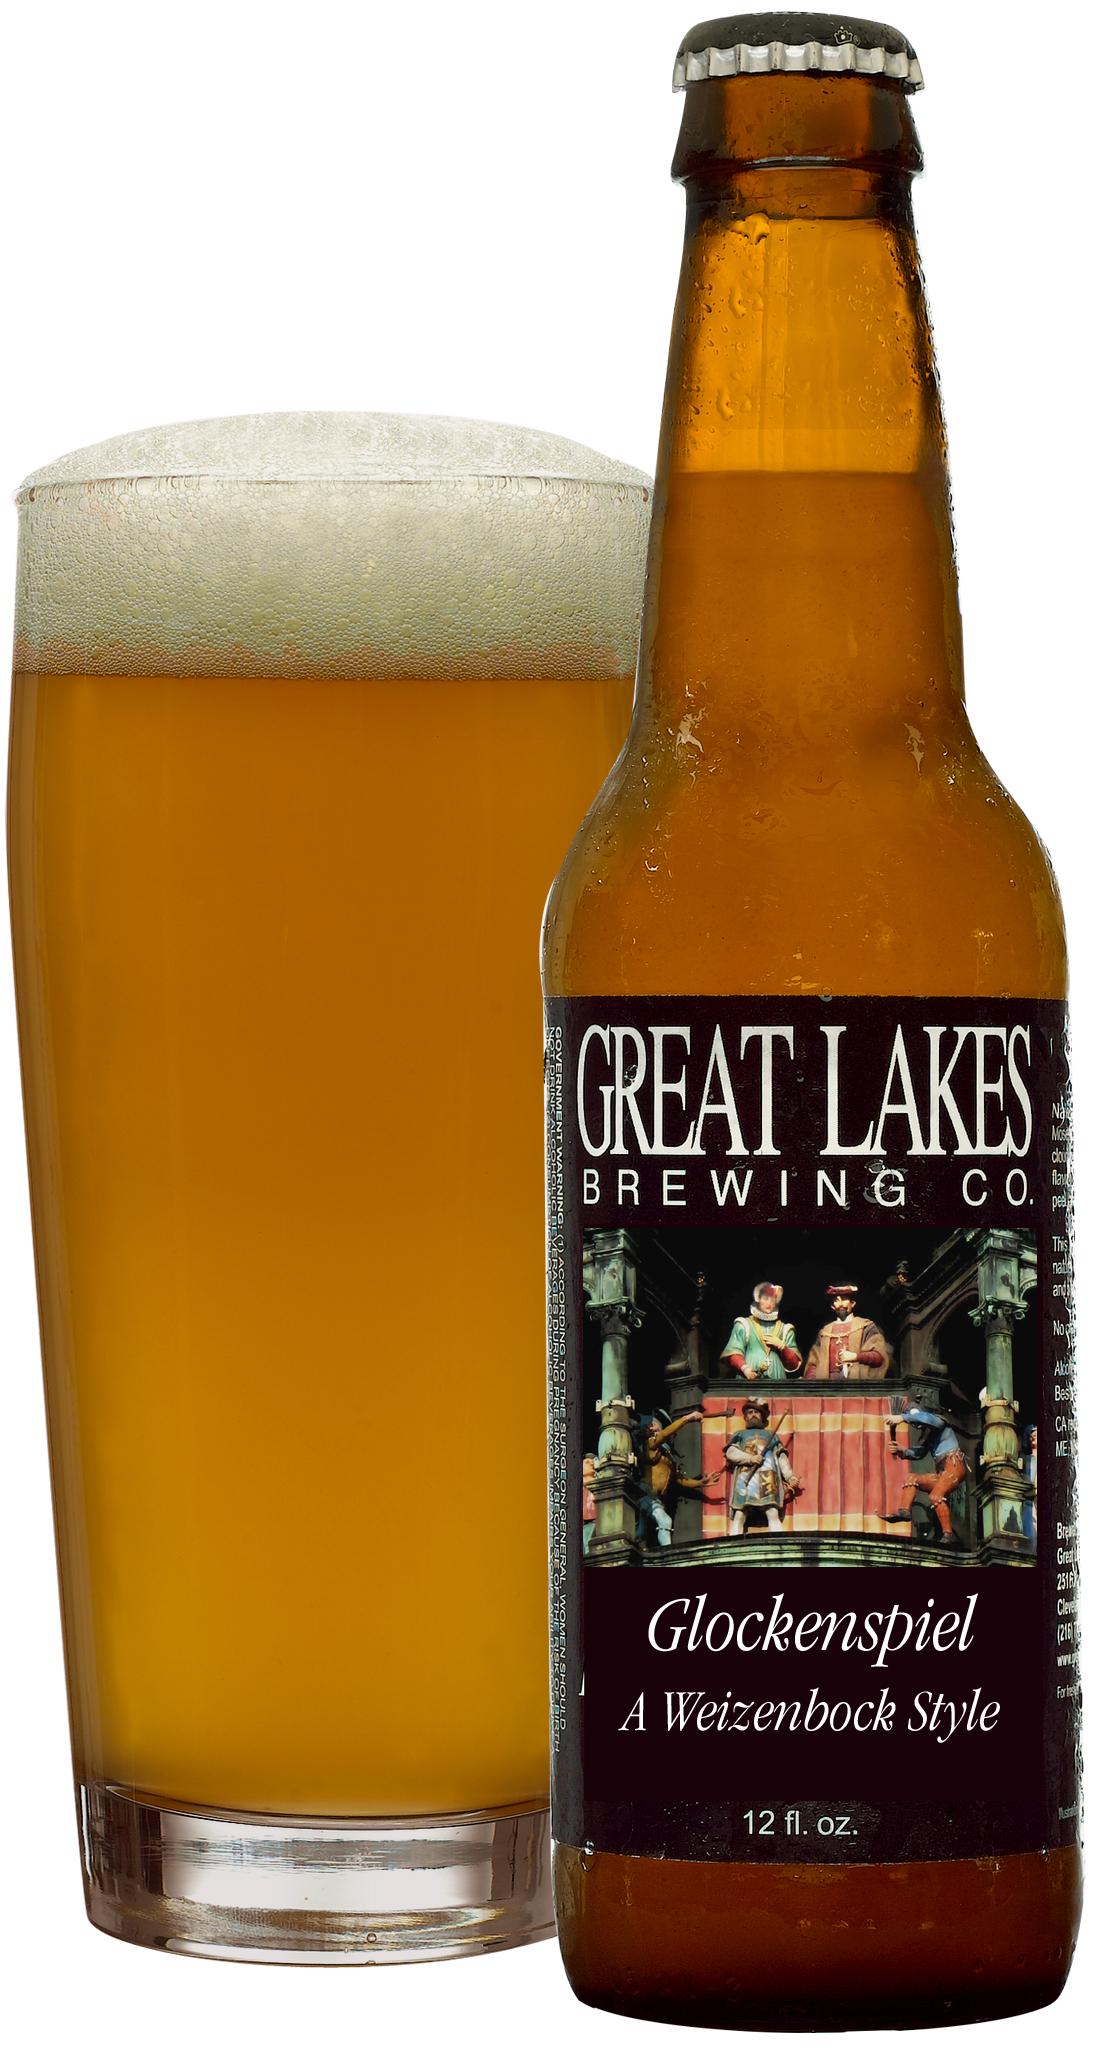 Great Lakes Brewing Glockenspiel Weizen Bock